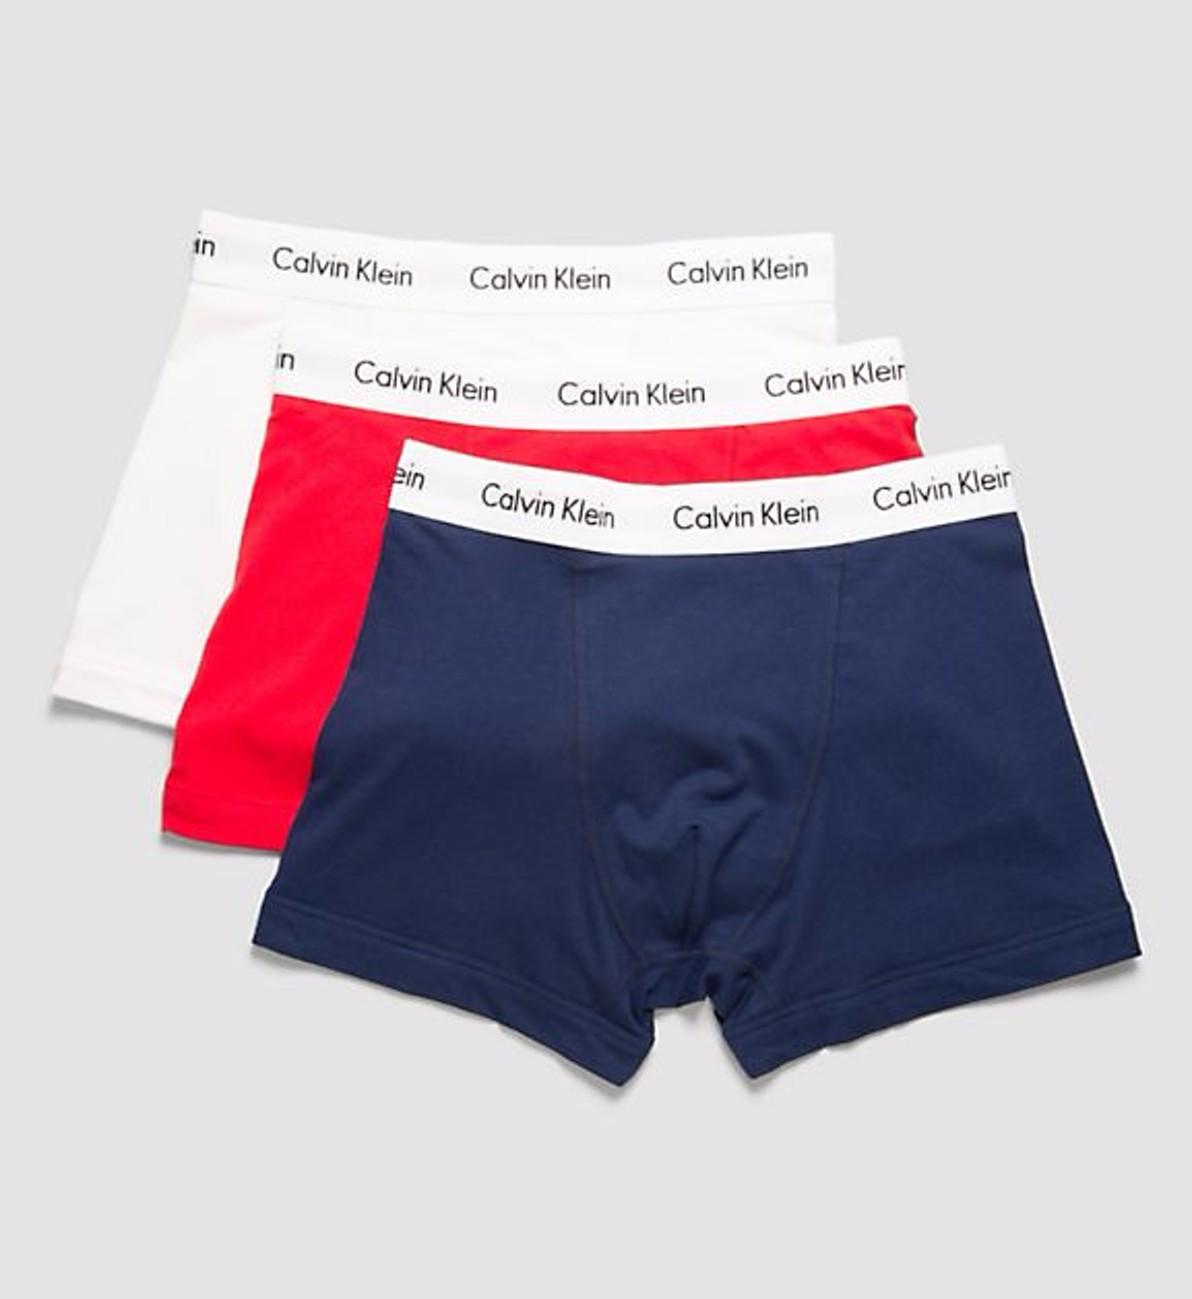 160f7a62d16 Luxusní dámské a pánské spodní prádlo Calvin Klein a Tommy Hilfiger ...